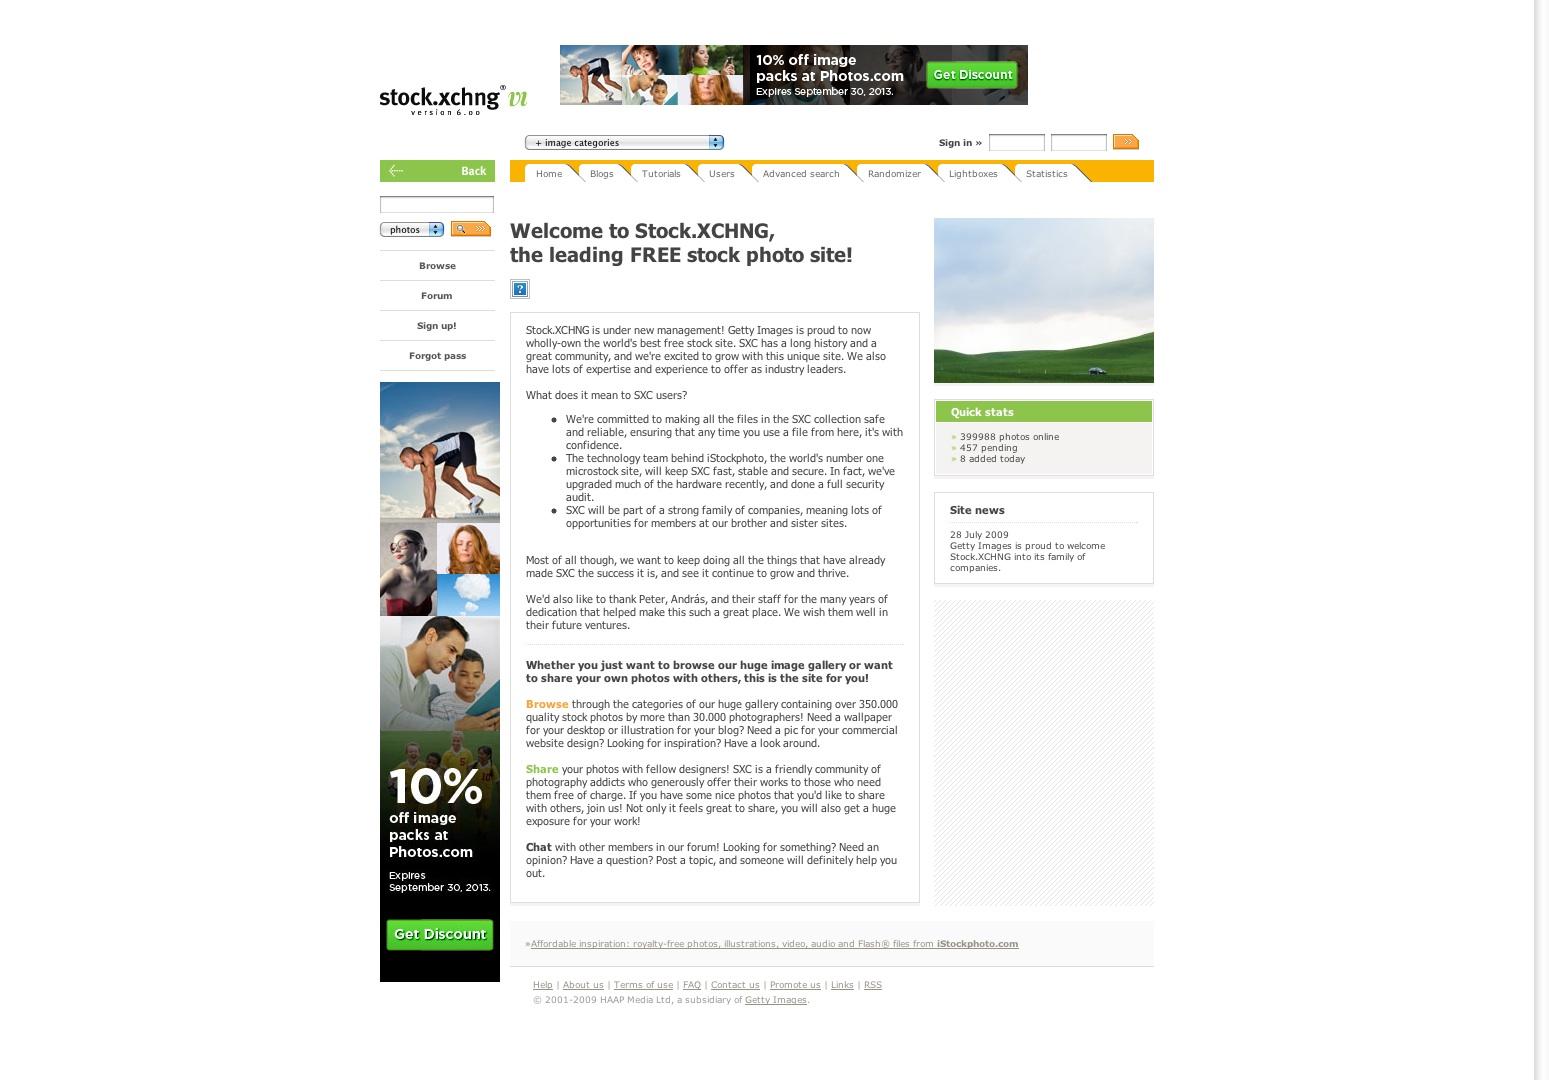 stock.xchng - el sitio líder en fotografía de stock libre